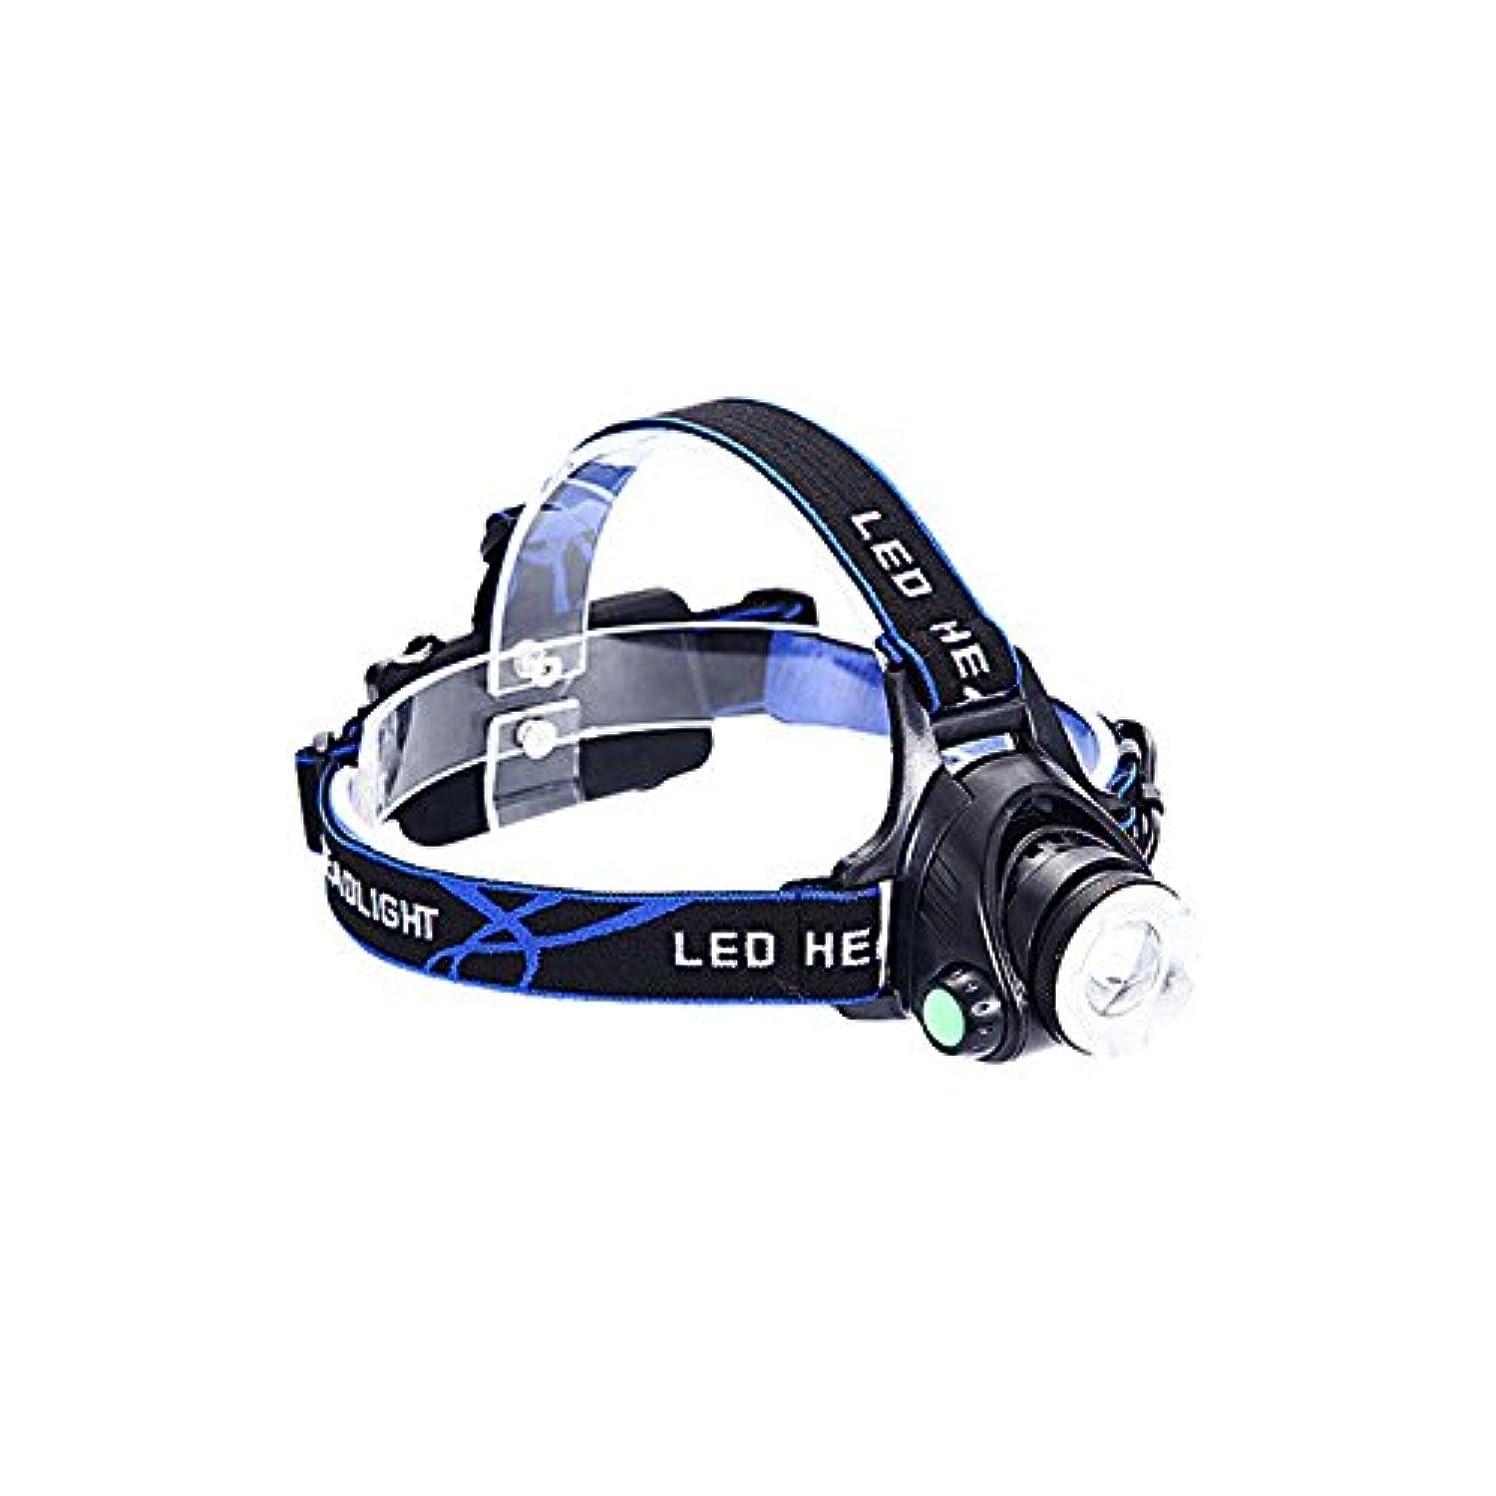 メロン虐待消防士MUTANG LED誘導ヘッドライト3000Wデュアル光源ヘッドマウント懐中電灯ライト調節可能なUSBスマートチャージヘッドランプマイナーランプホワイト+ブルーライト